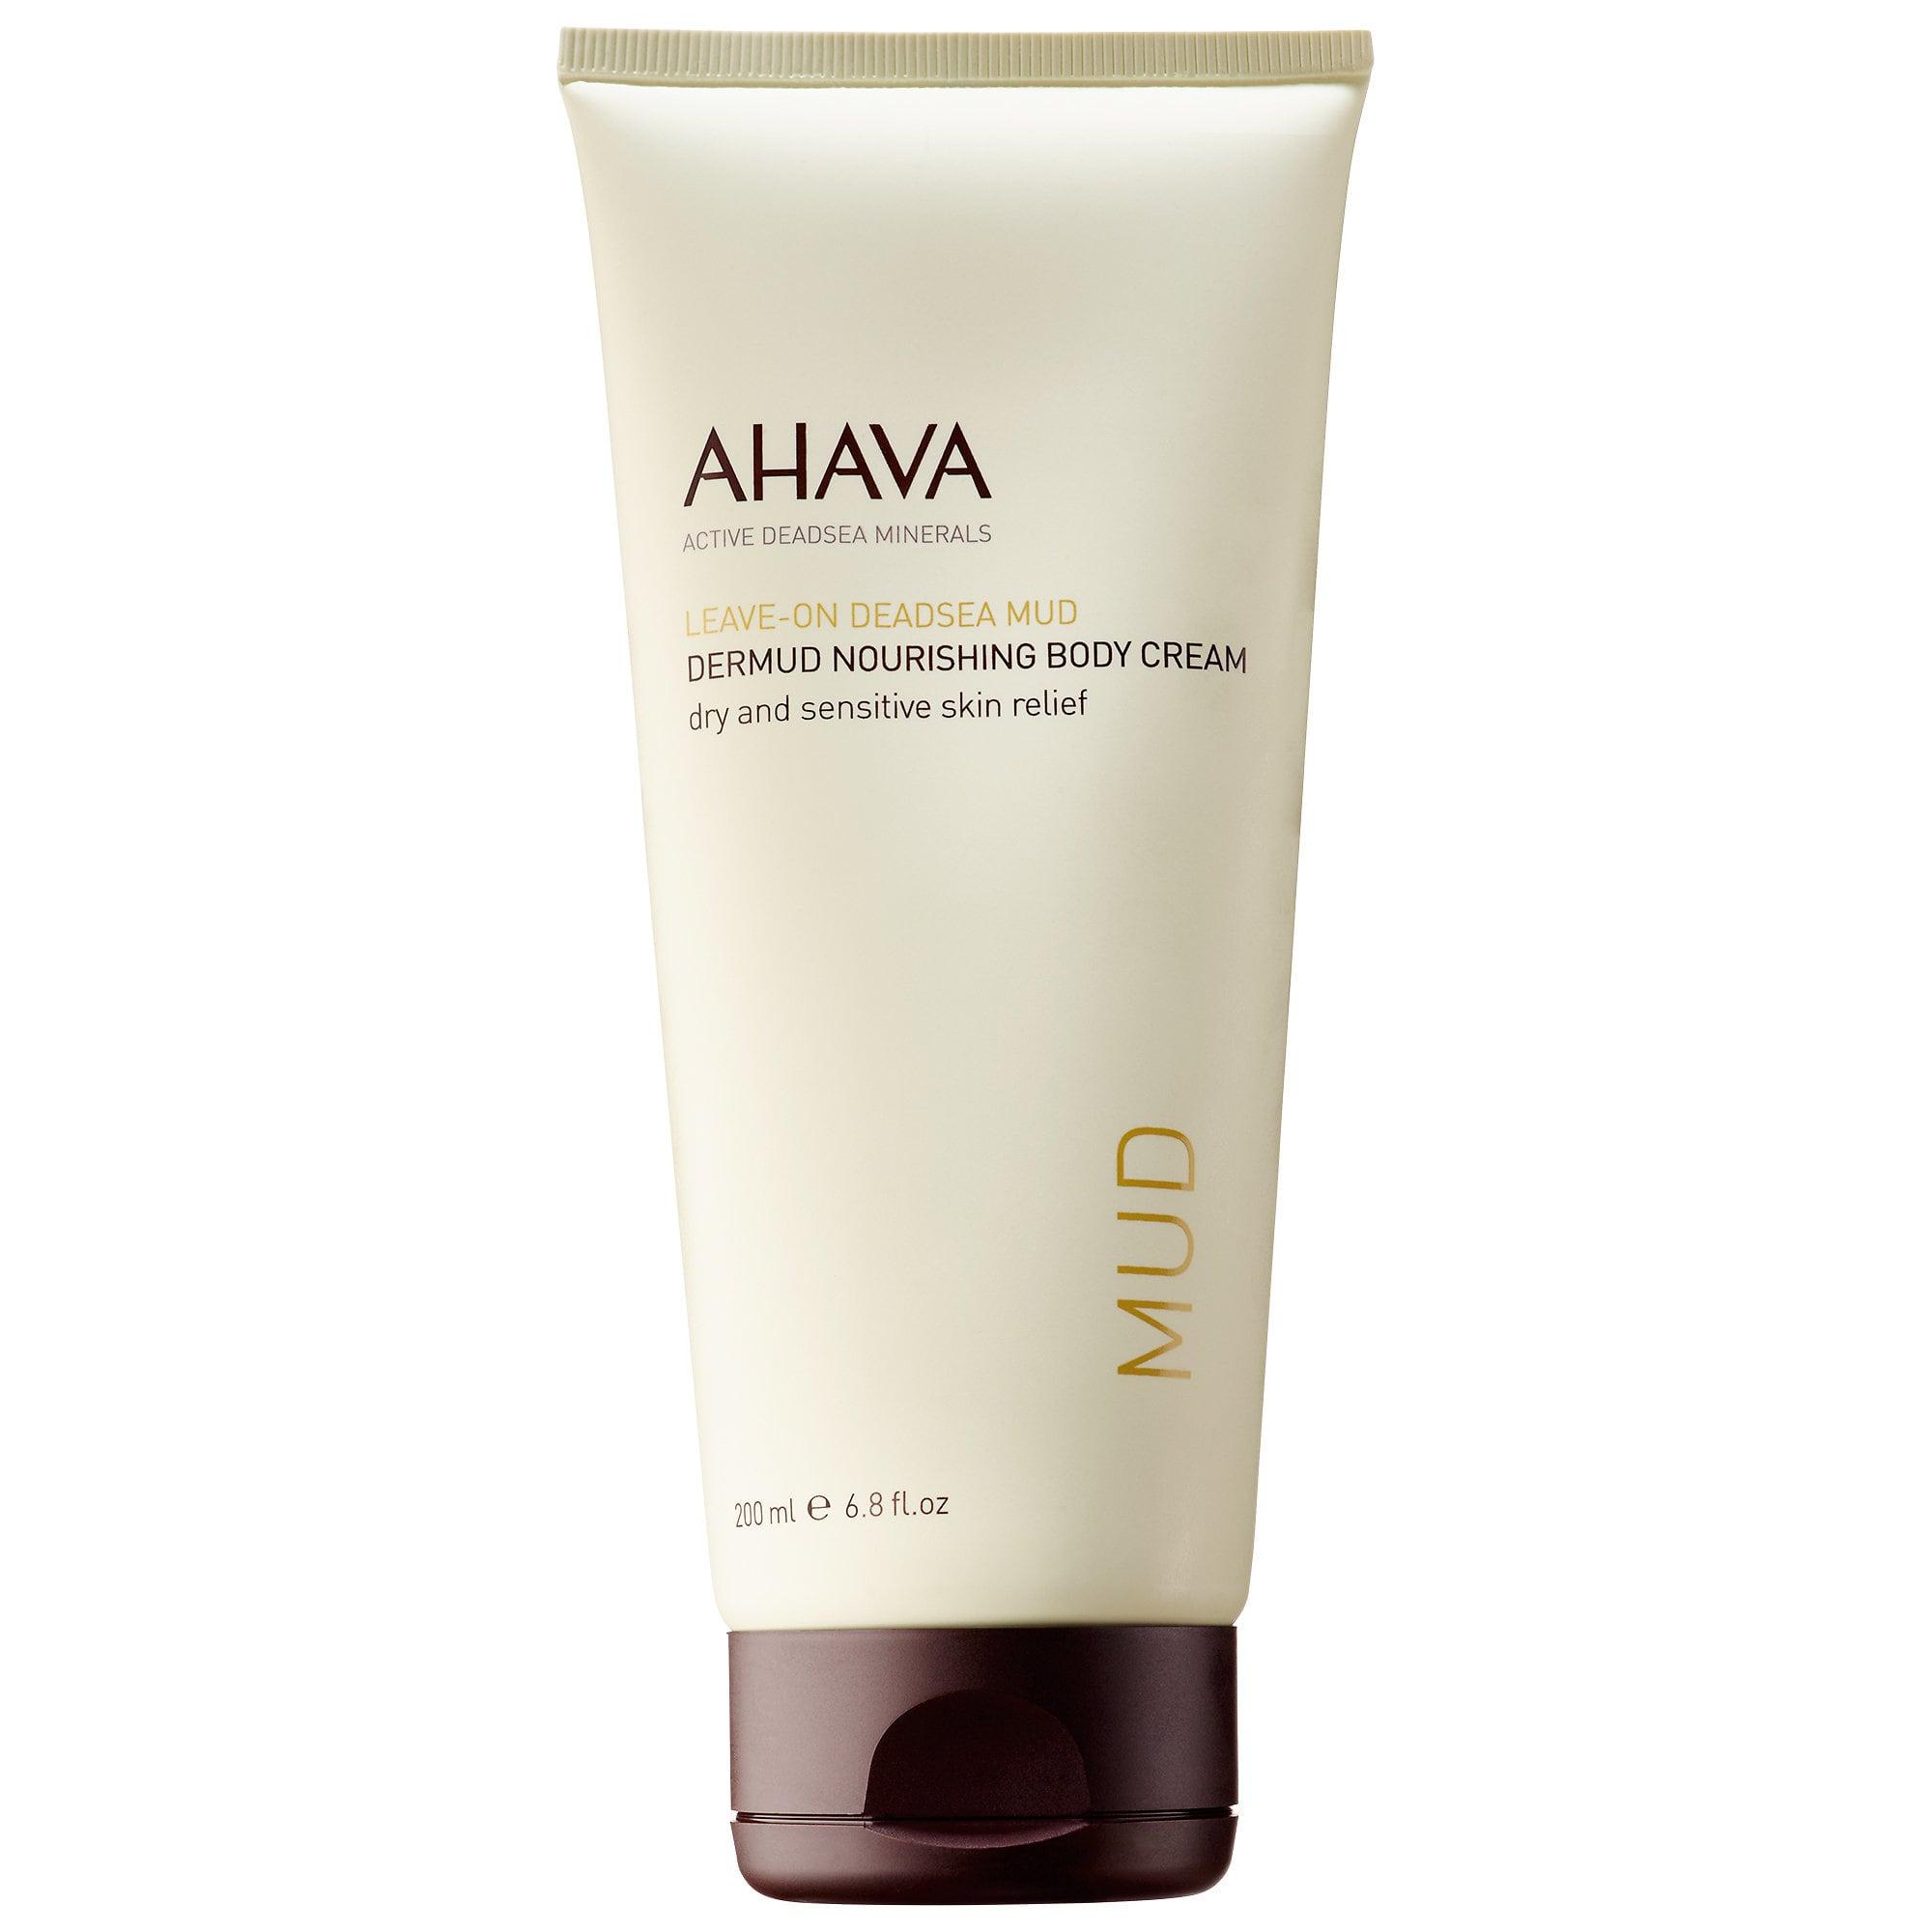 AHAVA - Dermud Nourishing Body Cream 200 ml